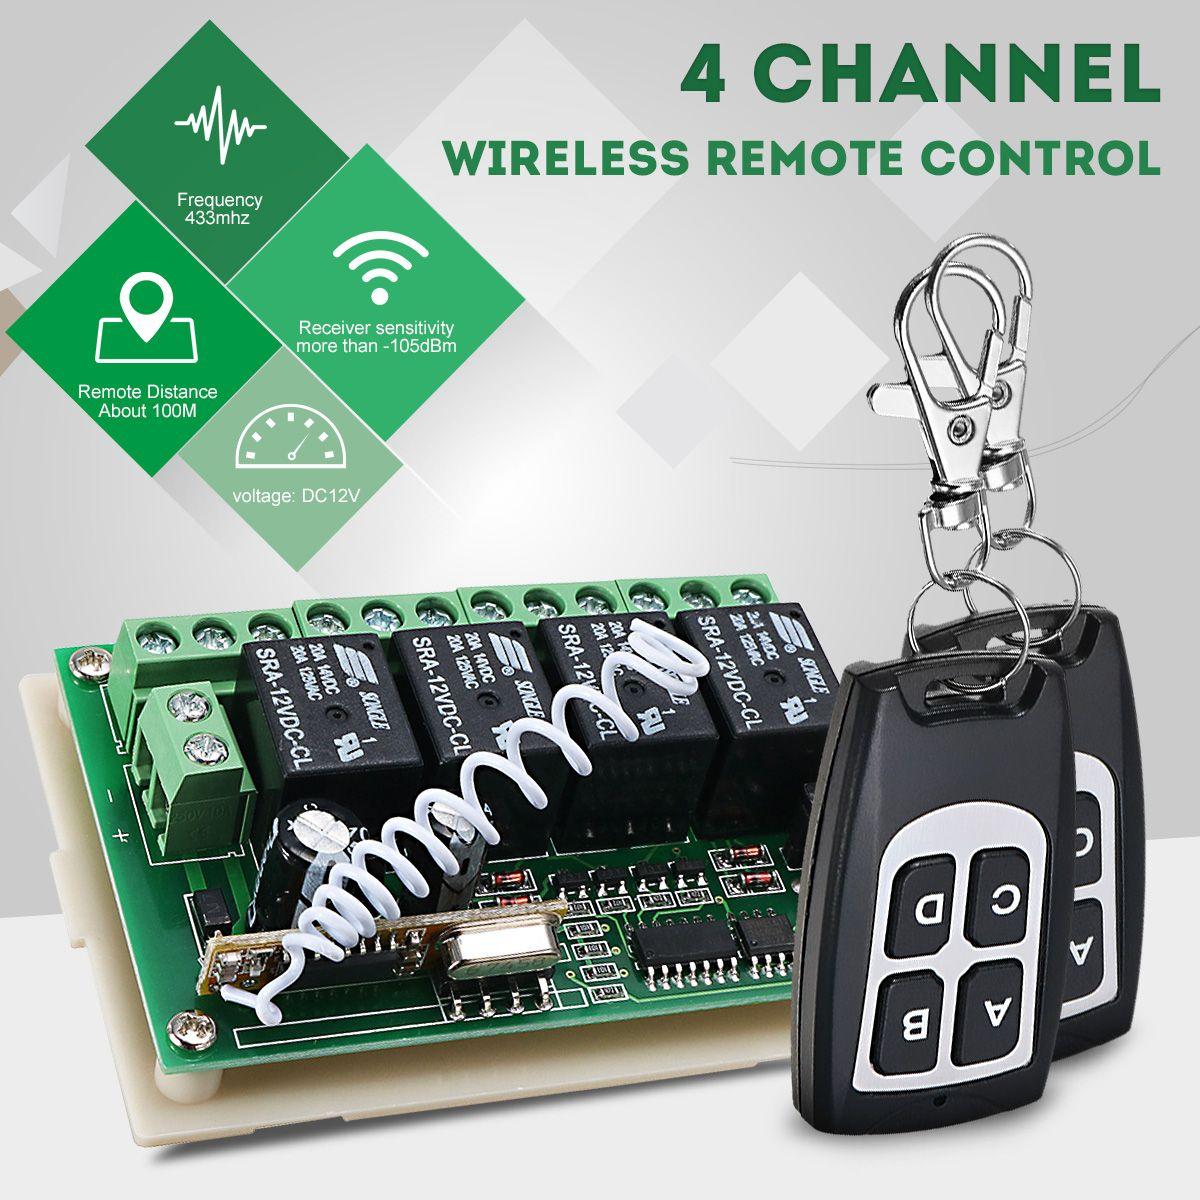 LEORY Universel Télécommande Sans Fil 12 v 4CH Canal 433 mhz Circuit Intégré De Commutateur 2 Émetteur BRICOLAGE Remplacer Pièce Outil